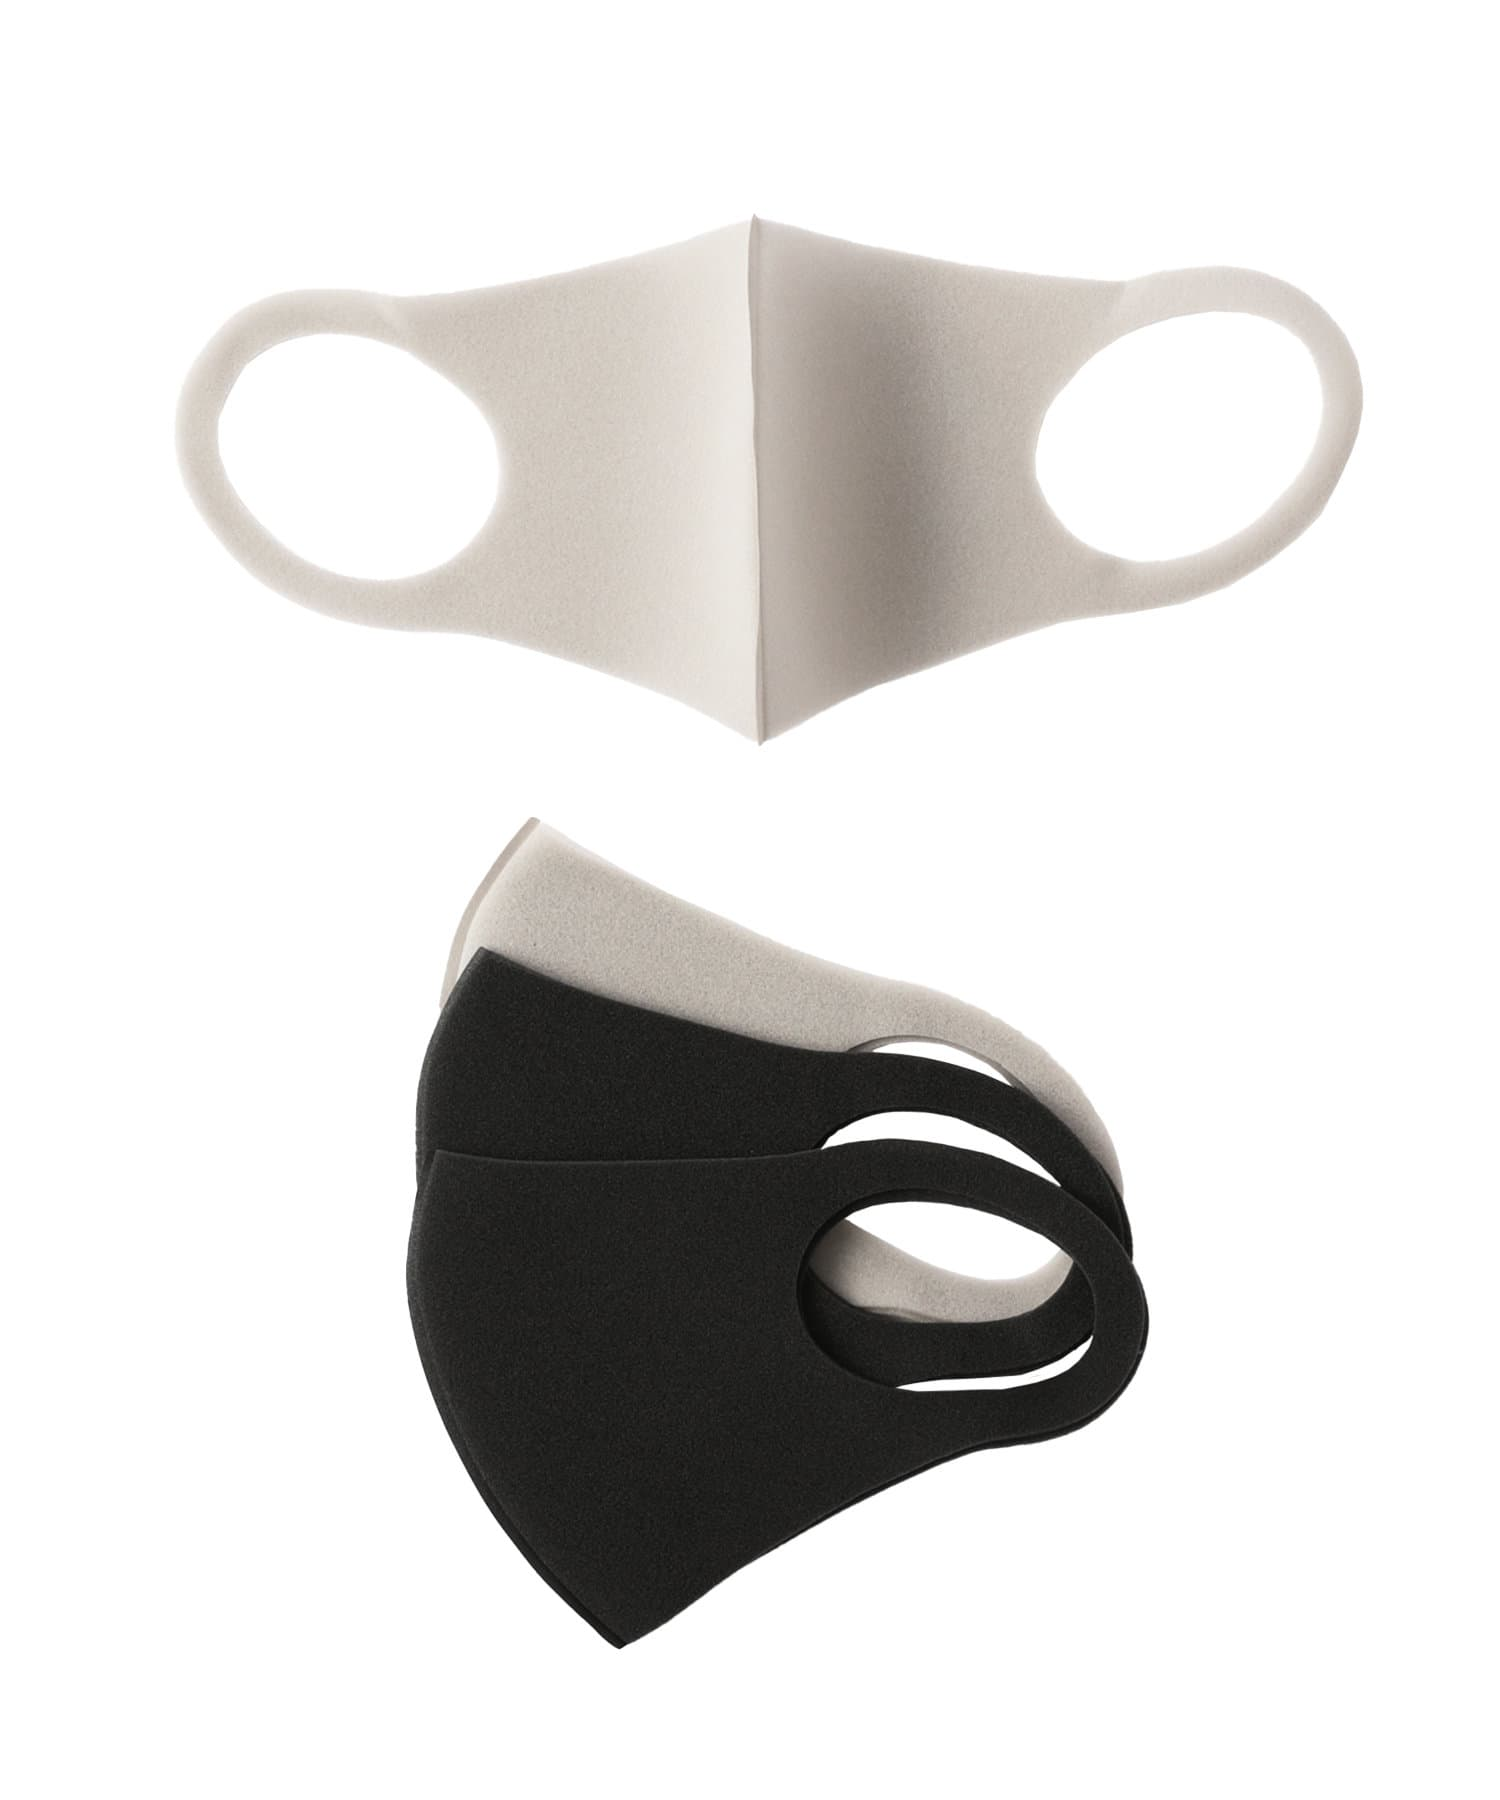 3COINS(スリーコインズ) ライフスタイル 立体ウレタンマスク4枚SET【大人小さめサイズ】 その他